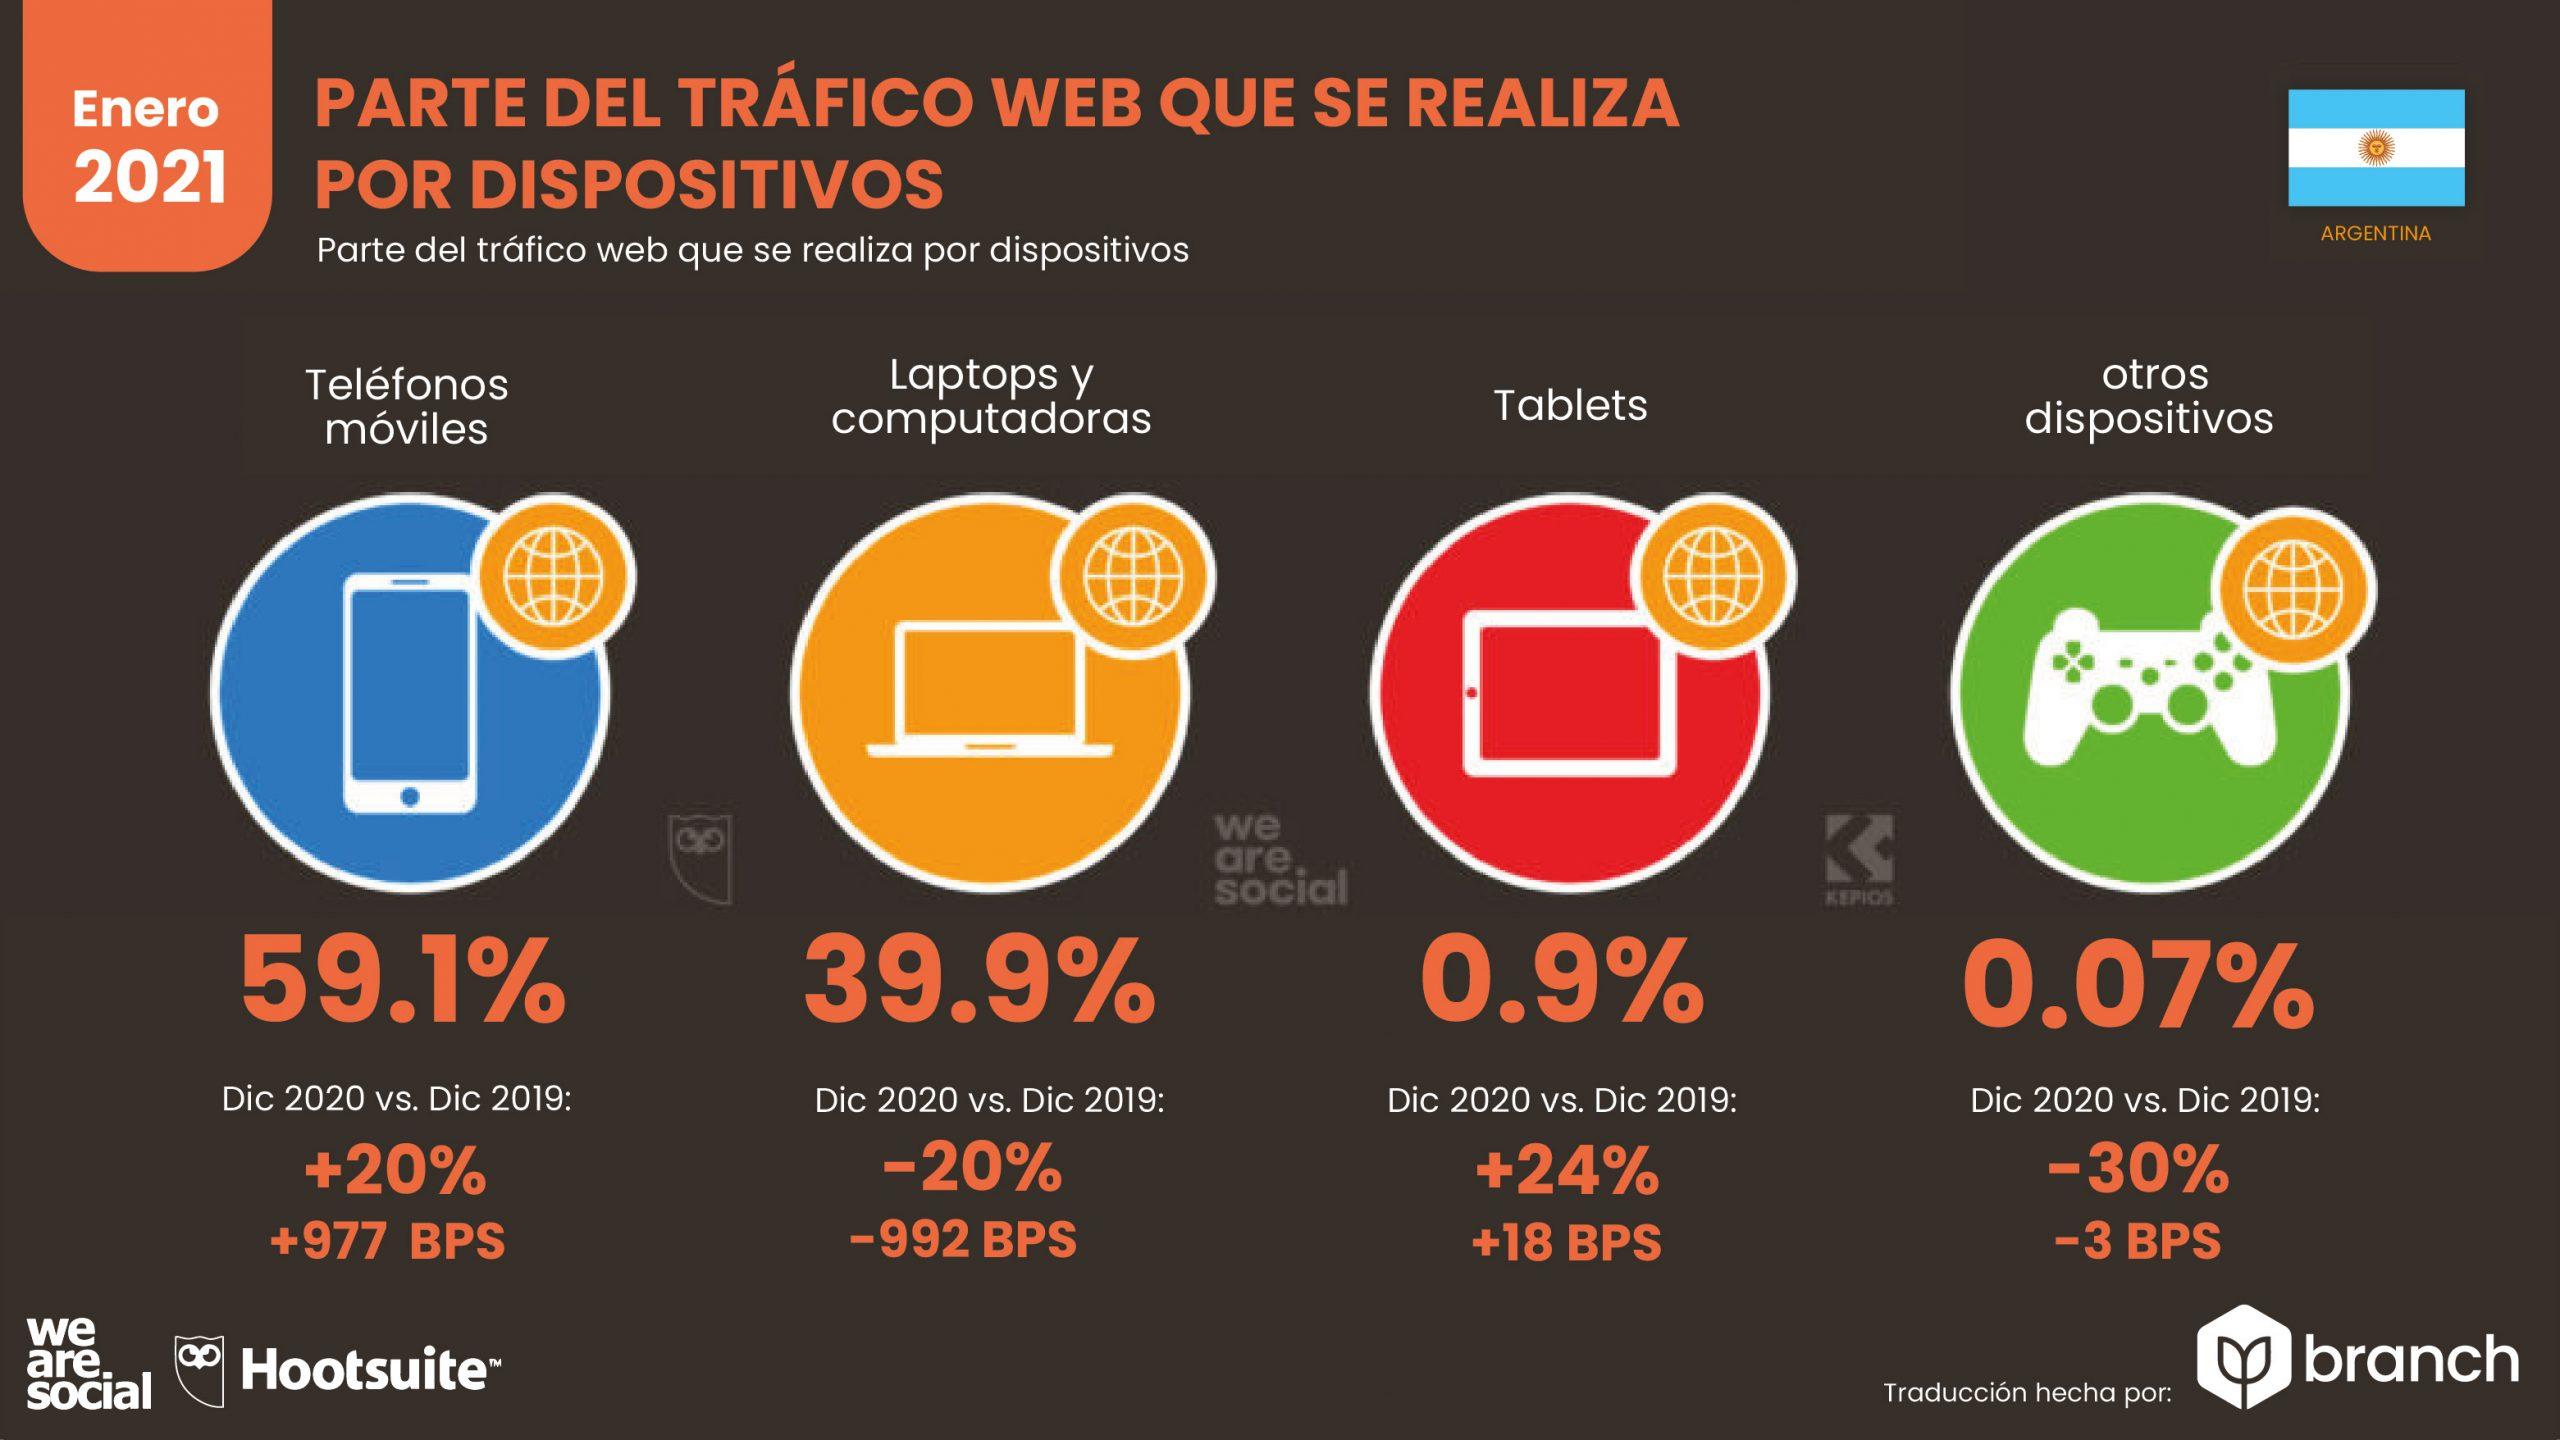 grafico-trafico-web-por-dispositivos-argentina-2020-2021